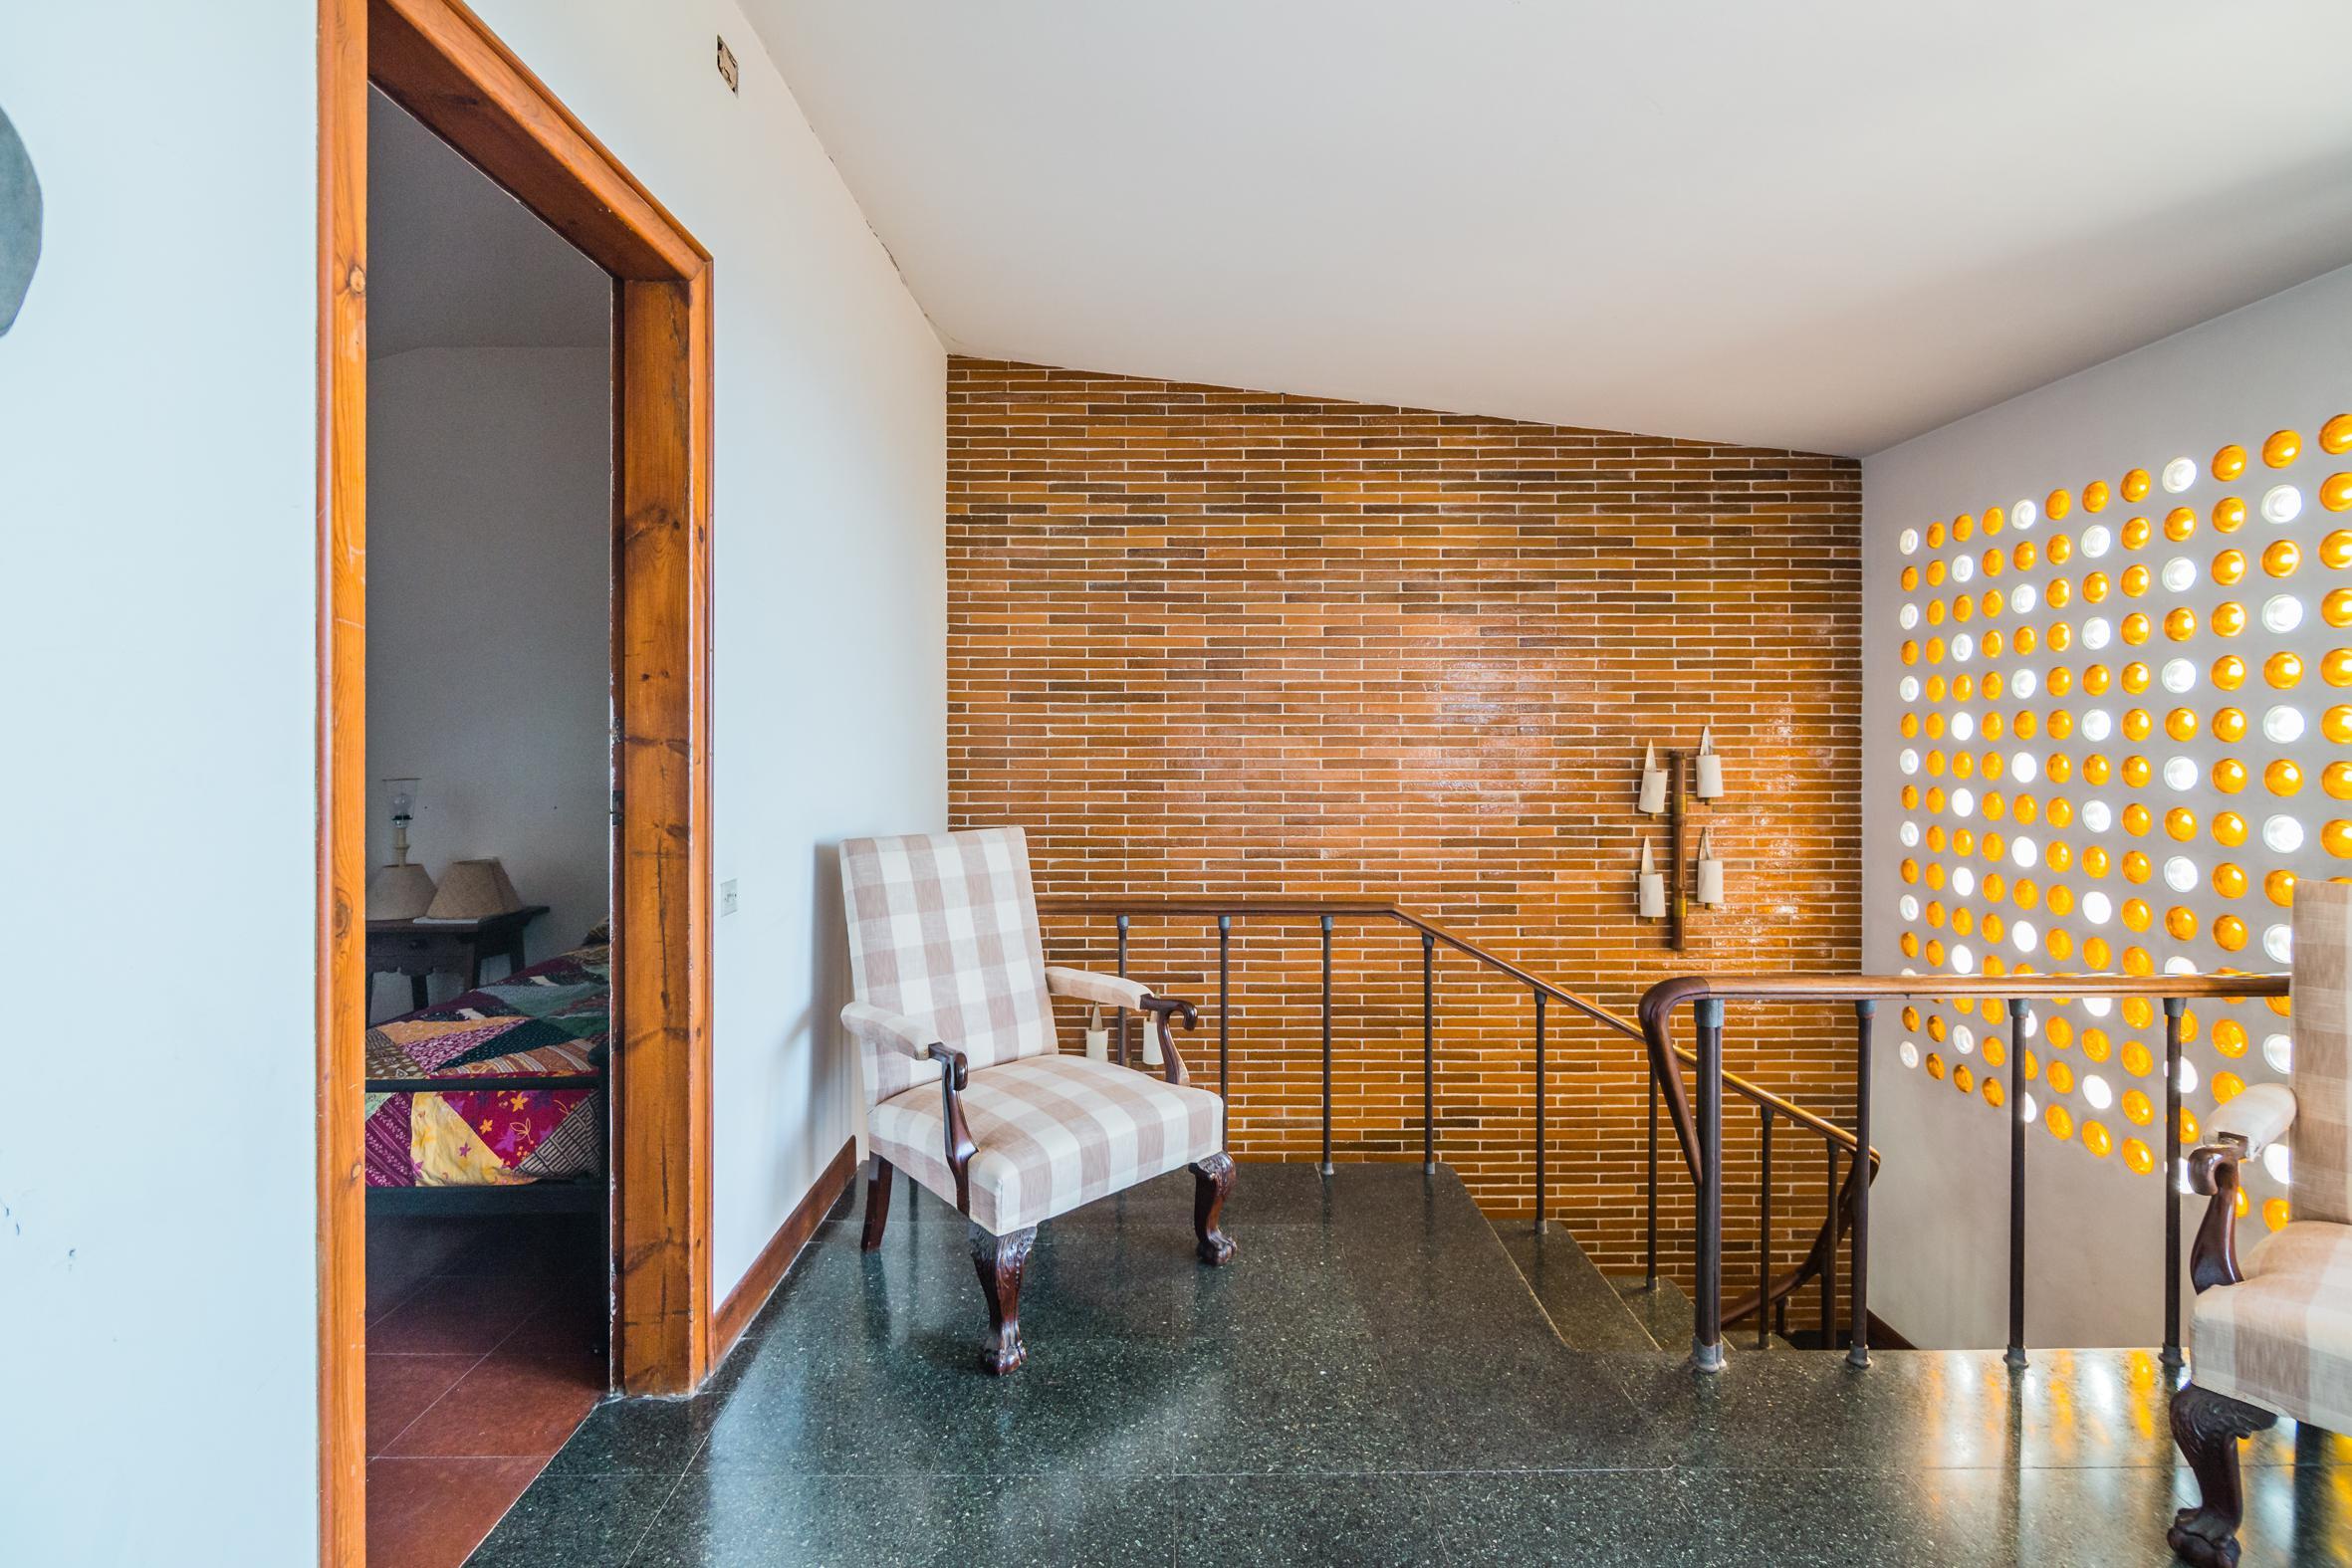 213533 Casa en venta en Sant Andreu de Llavaneres 13